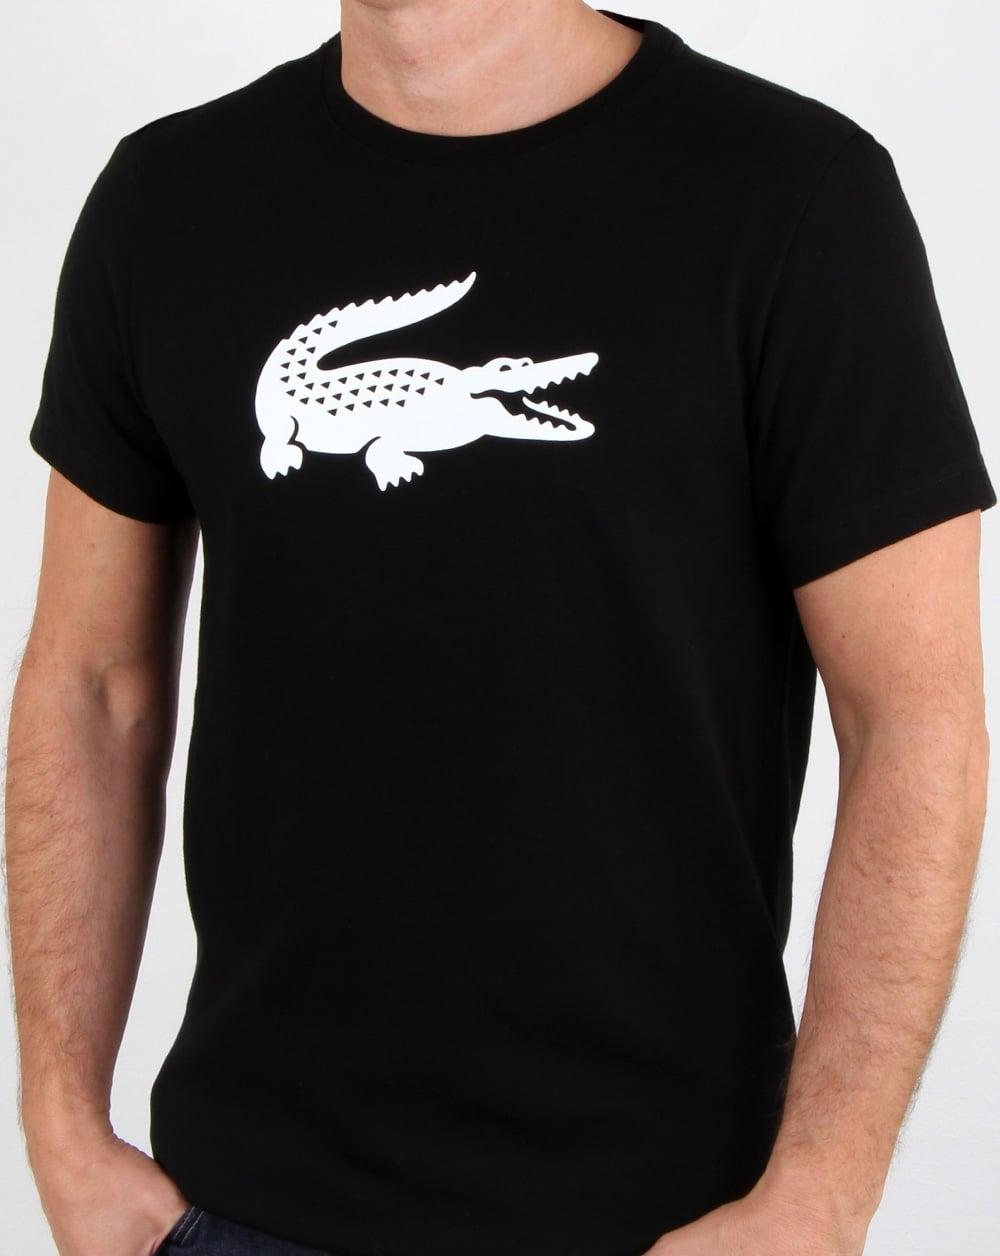 43fe6ea7 Lacoste Croc Print T Shirt Black/white, Mens, Crew Neck, Croc